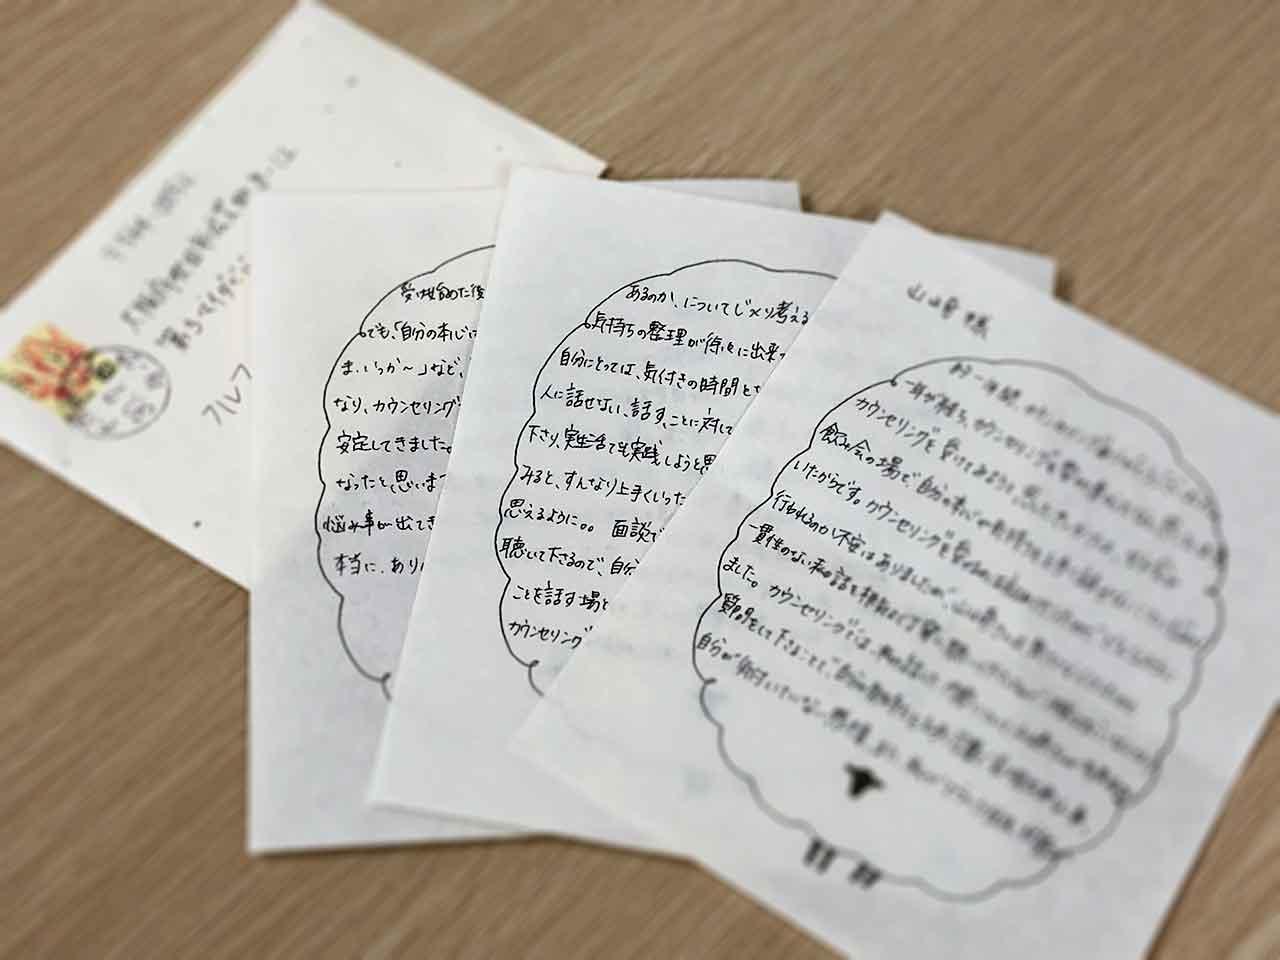 Tさんからのお手紙